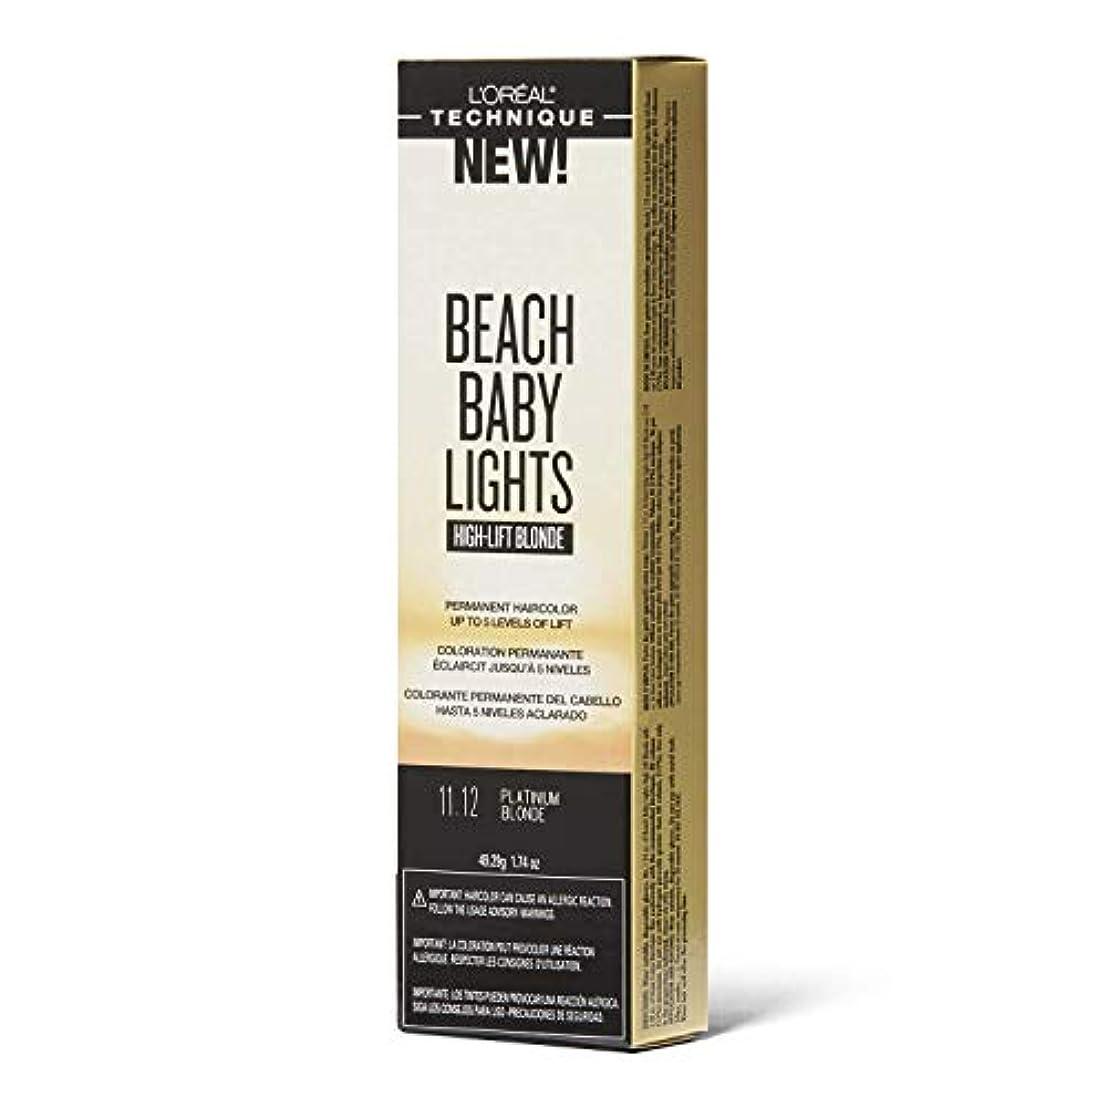 ブローホールパンサーブラインドL'Oreal Paris L'Orealのビーチ赤ちゃんライトハイリフトプラチナブロンド11.12プラチナブロンド